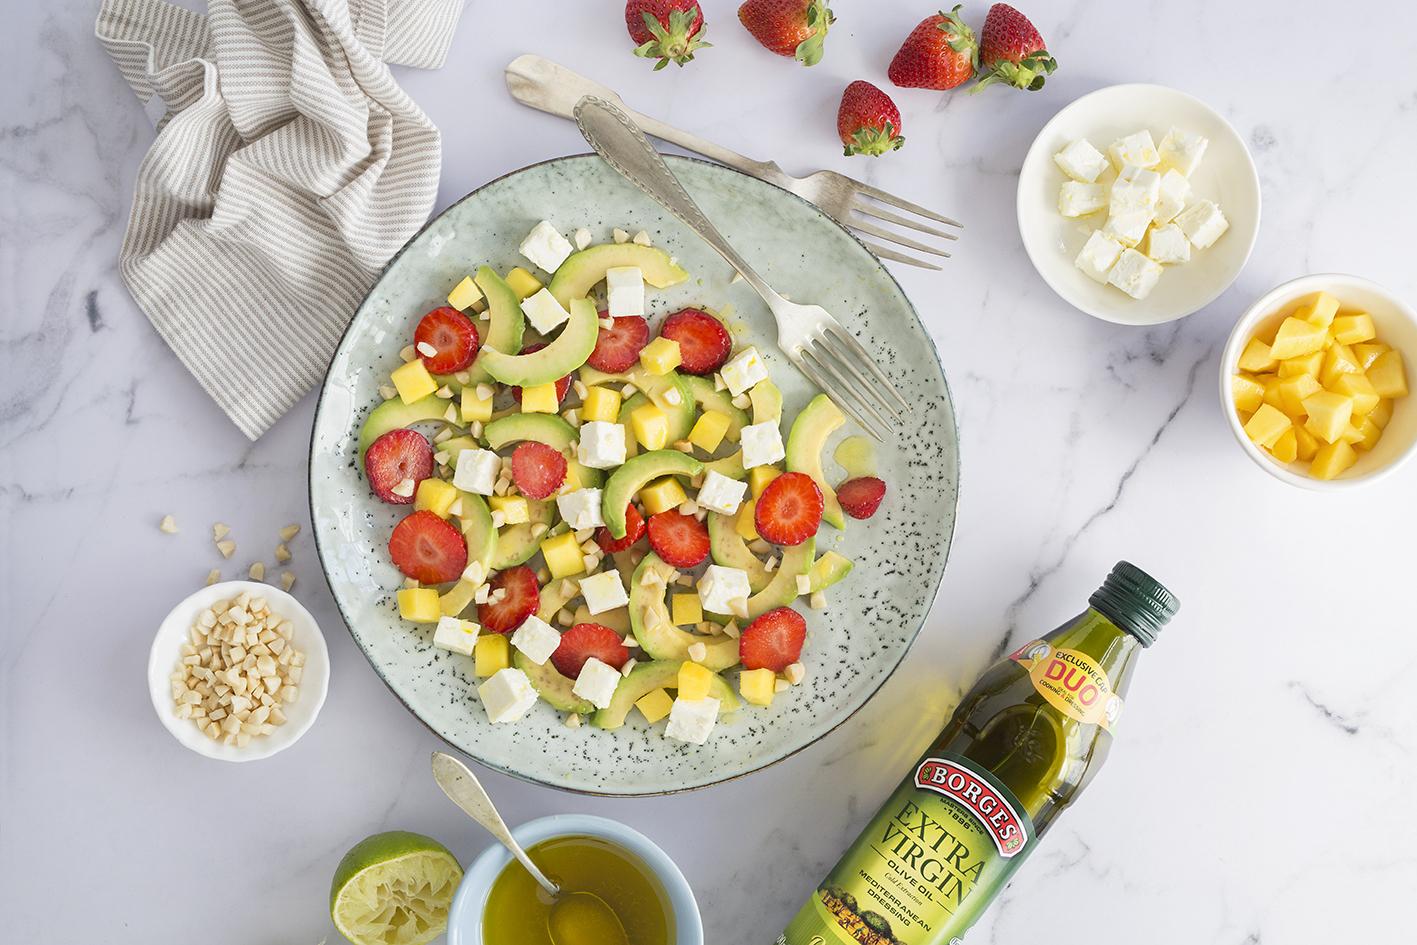 Healthy avocado salad